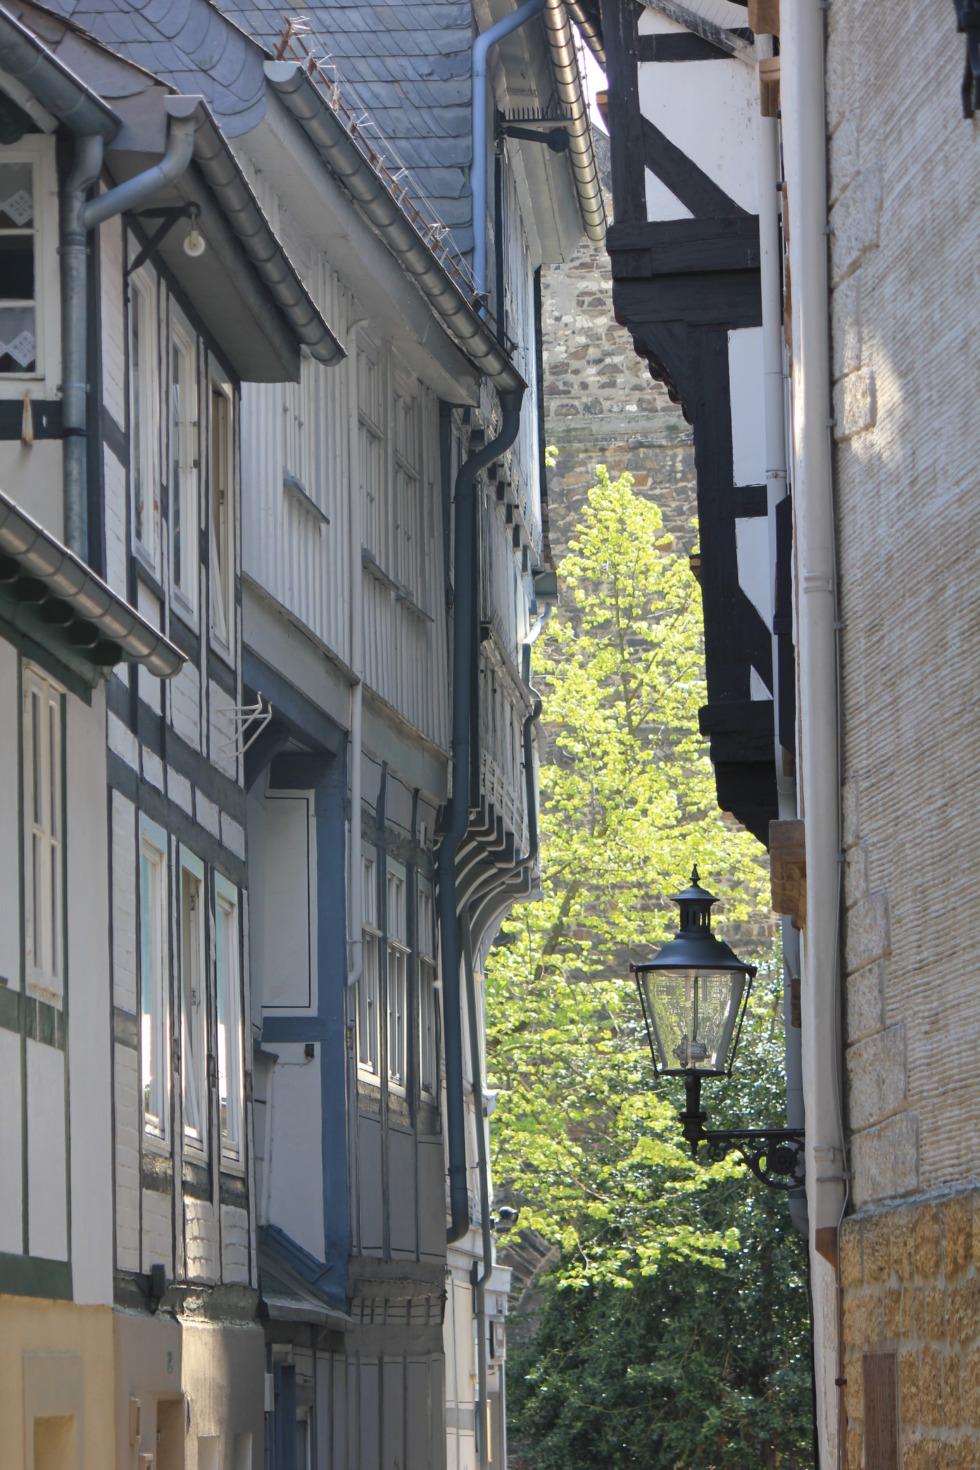 Small alleyway between half-timbered houses in Goslar